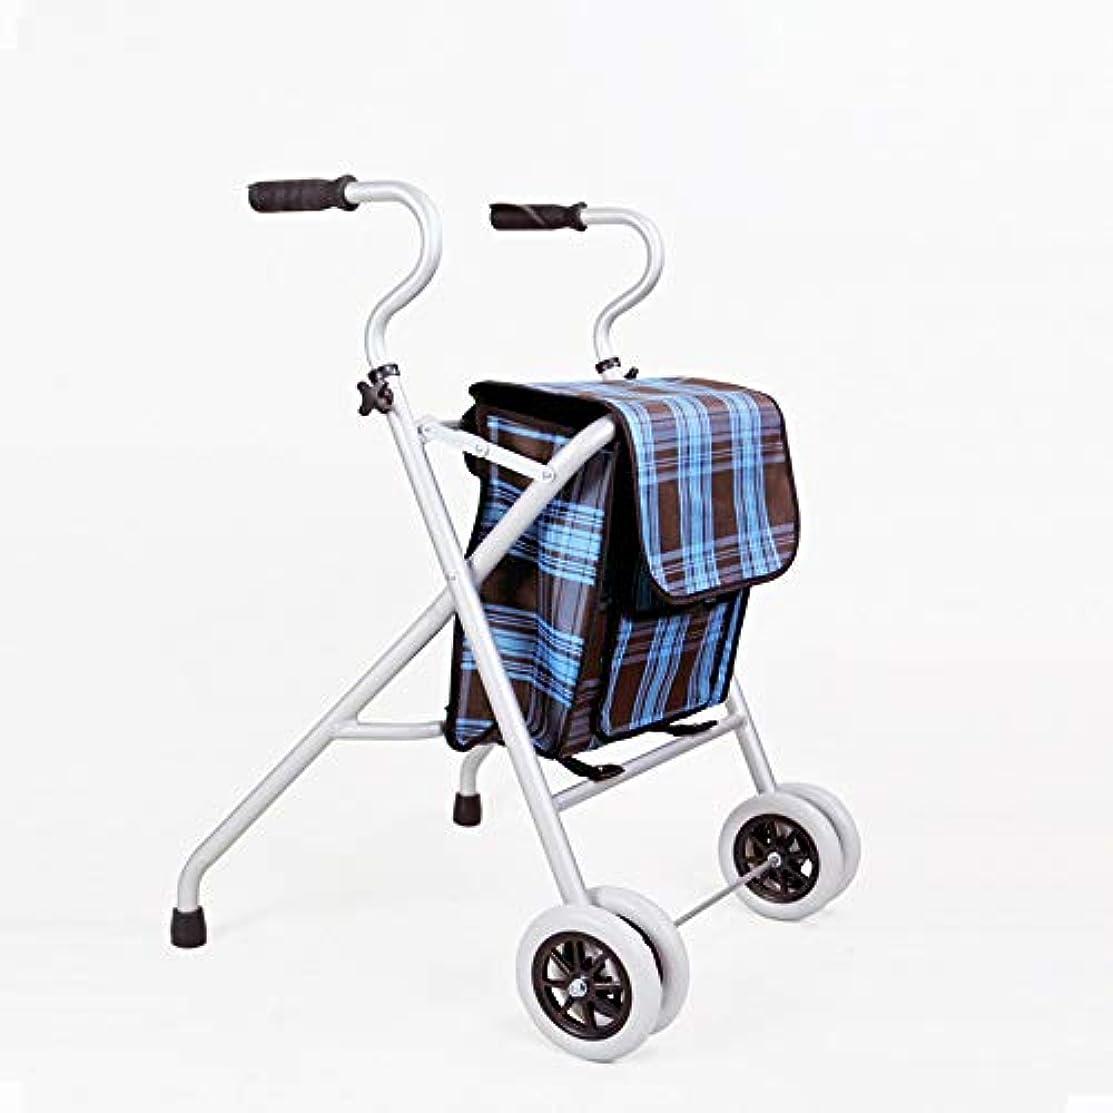 襟オフセットステップキャリーバッグ付き軽量アルミニウム折りたたみ式歩行器、高さ調節可能、移動補助具